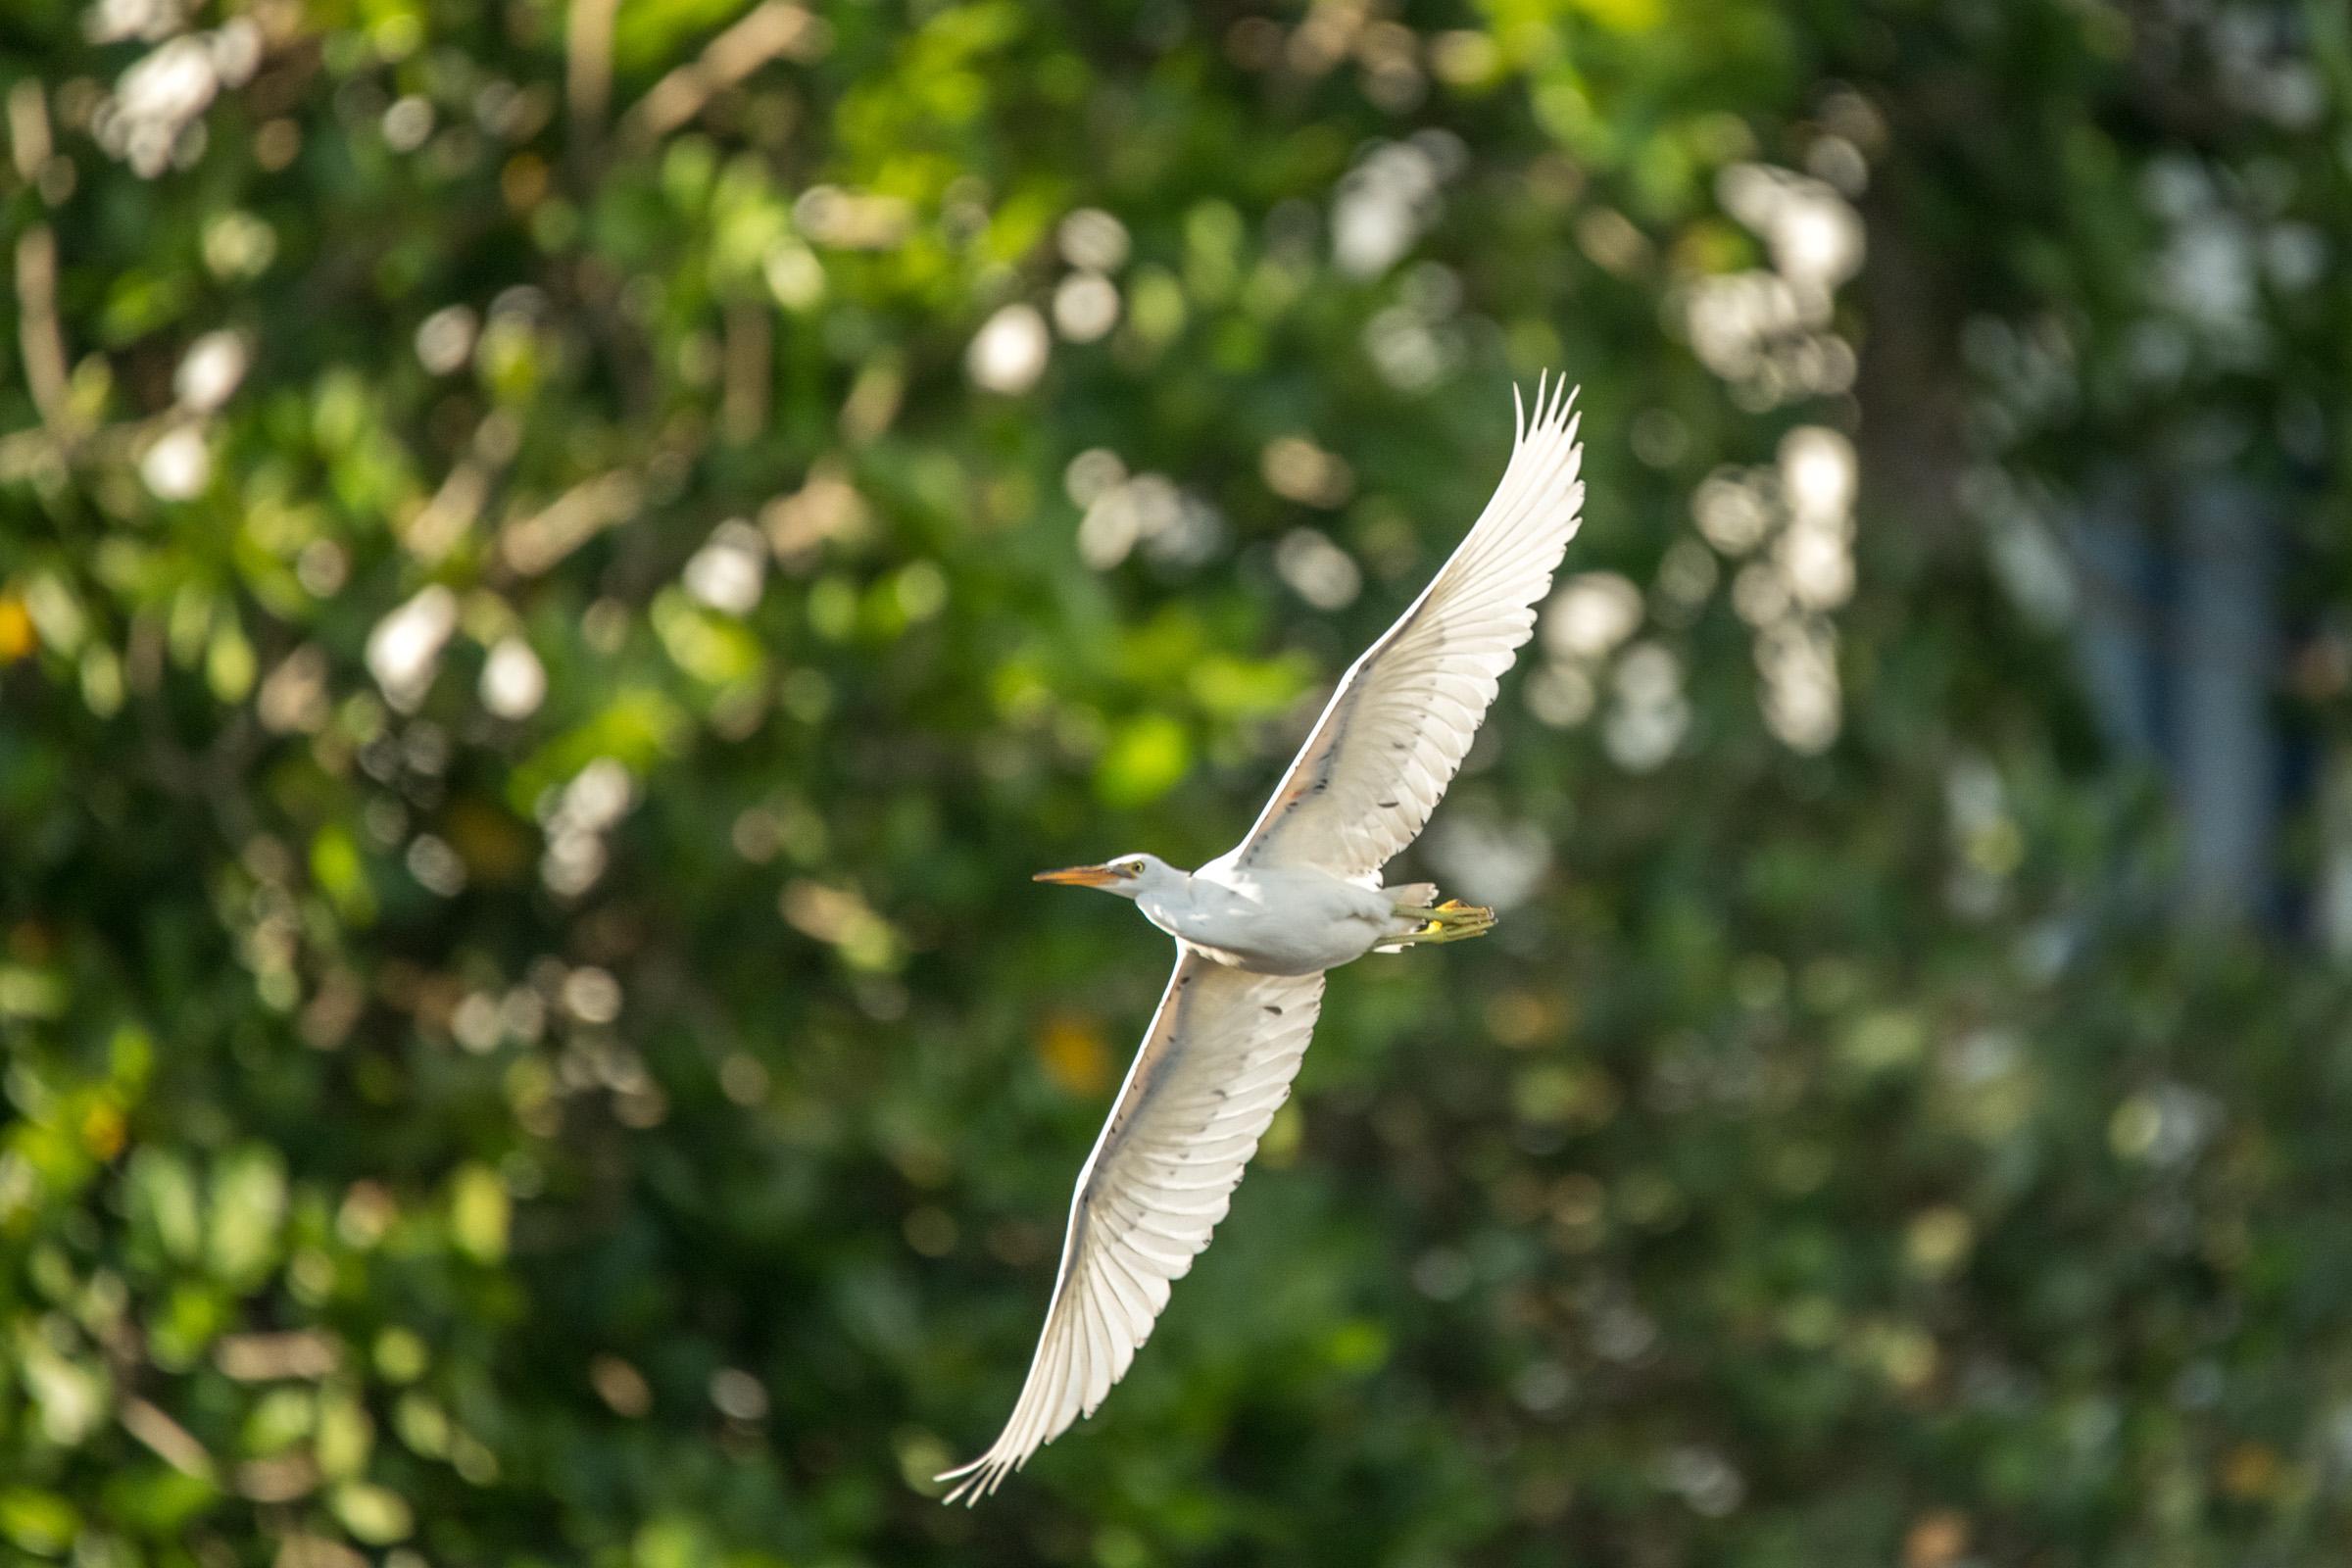 Eastern Reef heron